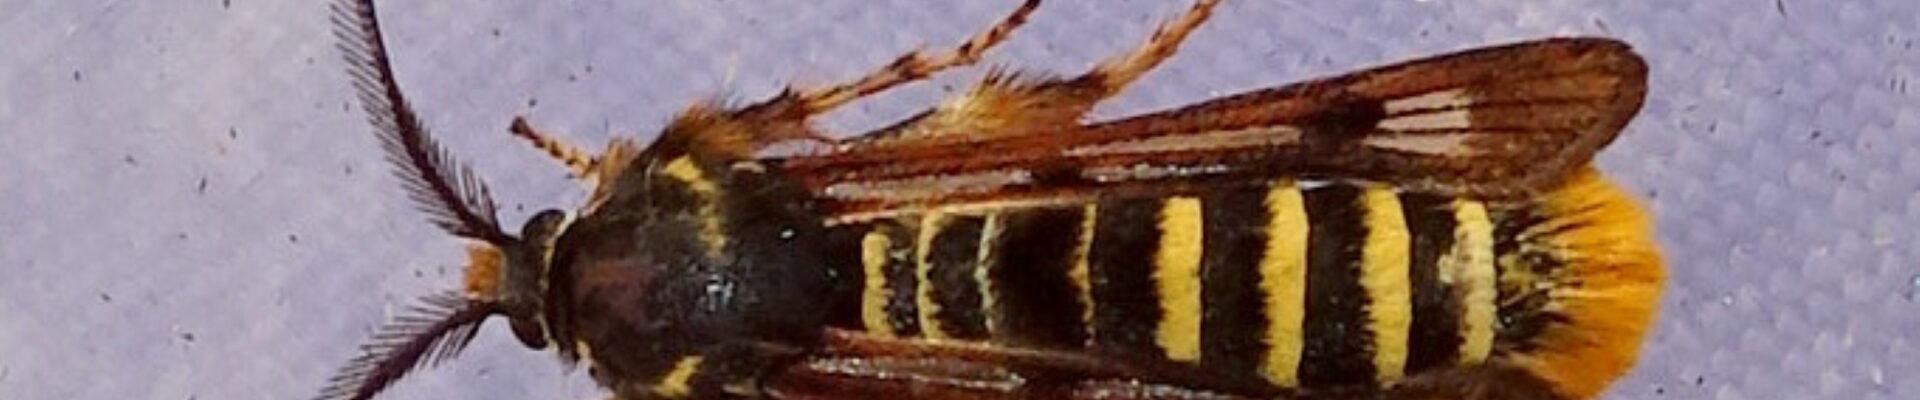 Vervolg wespvlinders: Frambozenglasvlinder